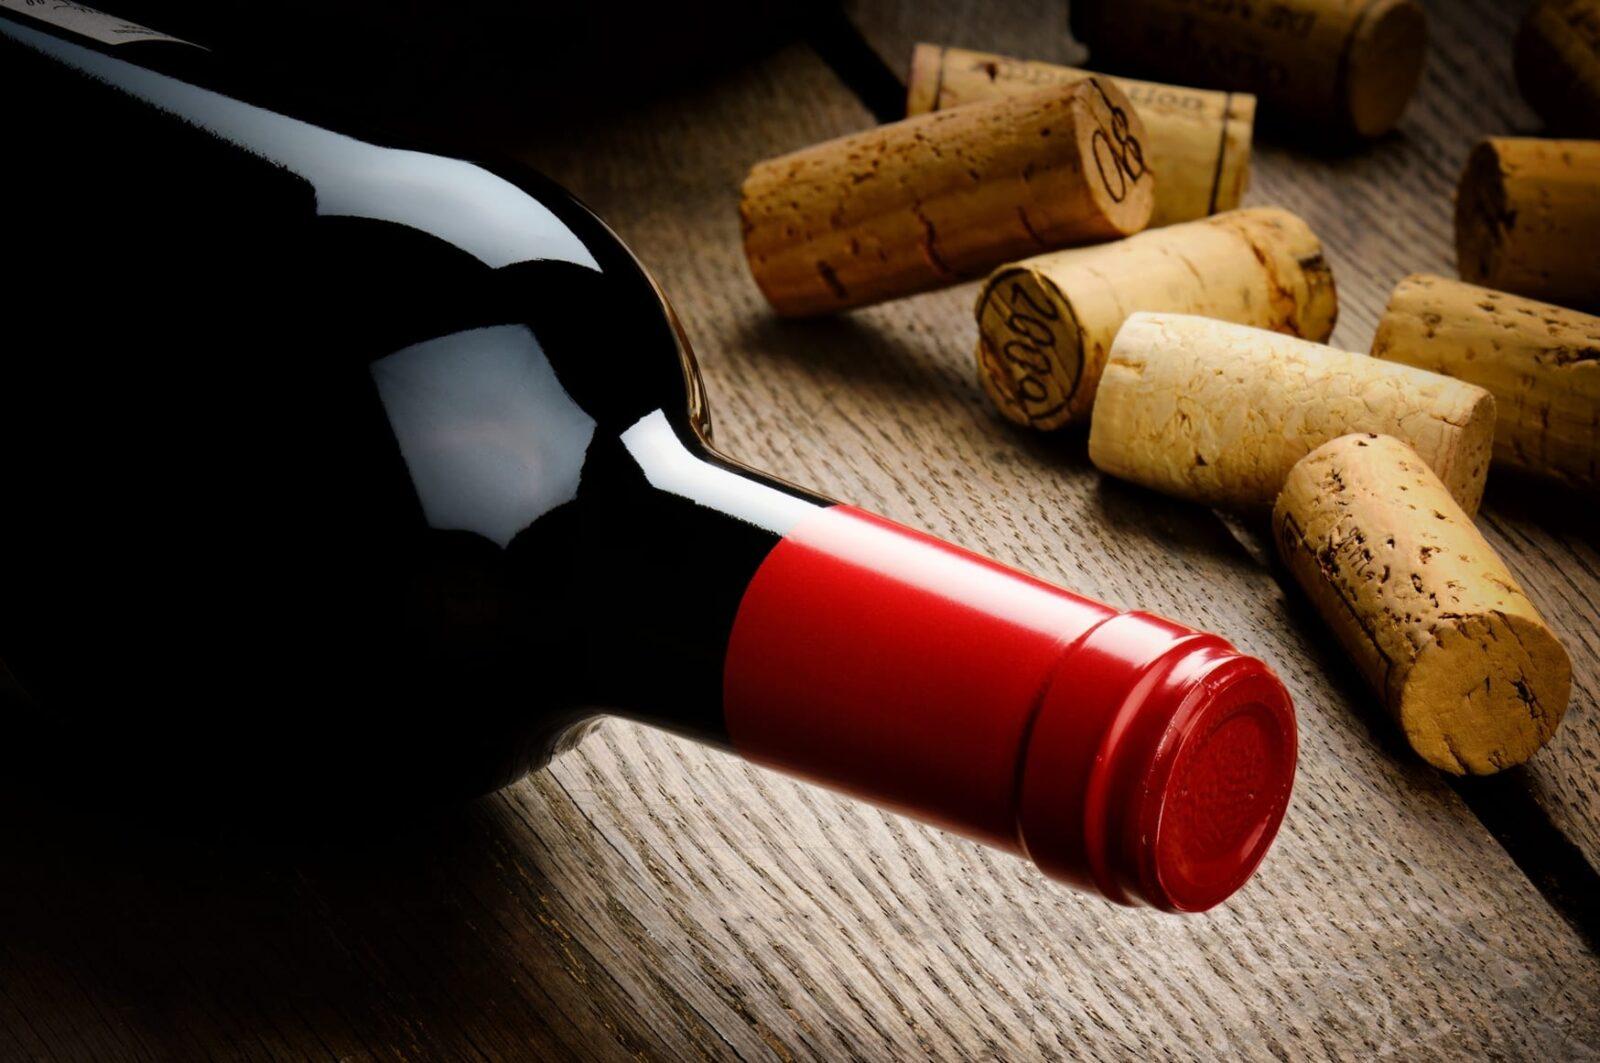 Как открыть вино без штопора? Несколько проверенных и испытанных методов